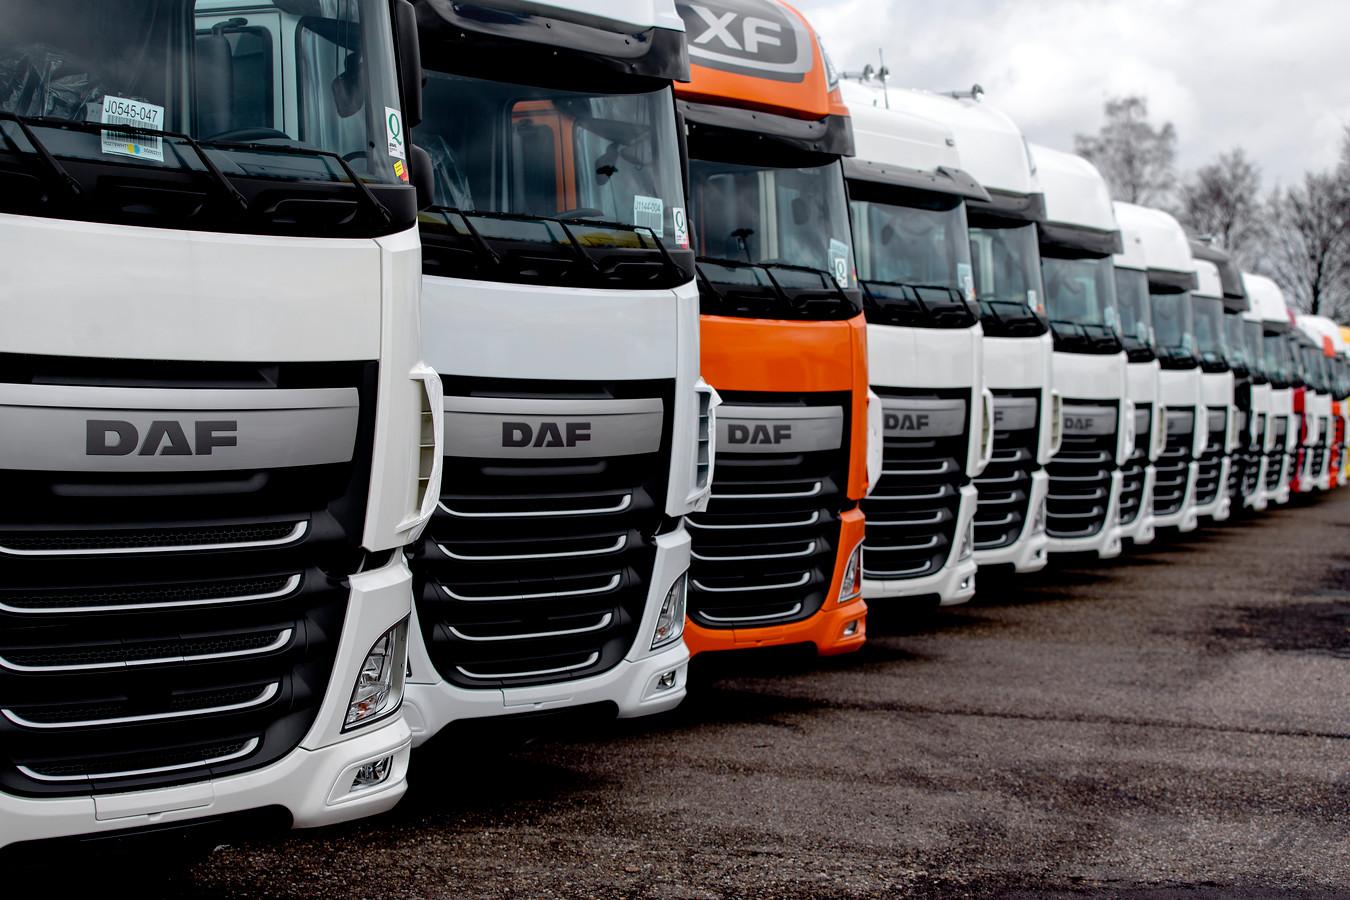 Vrachtwagens op het terrein van auto- en vrachtautofabrikant DAF Trucks in Eindhoven. De sector heeft het zwaar, voorspelt ING.